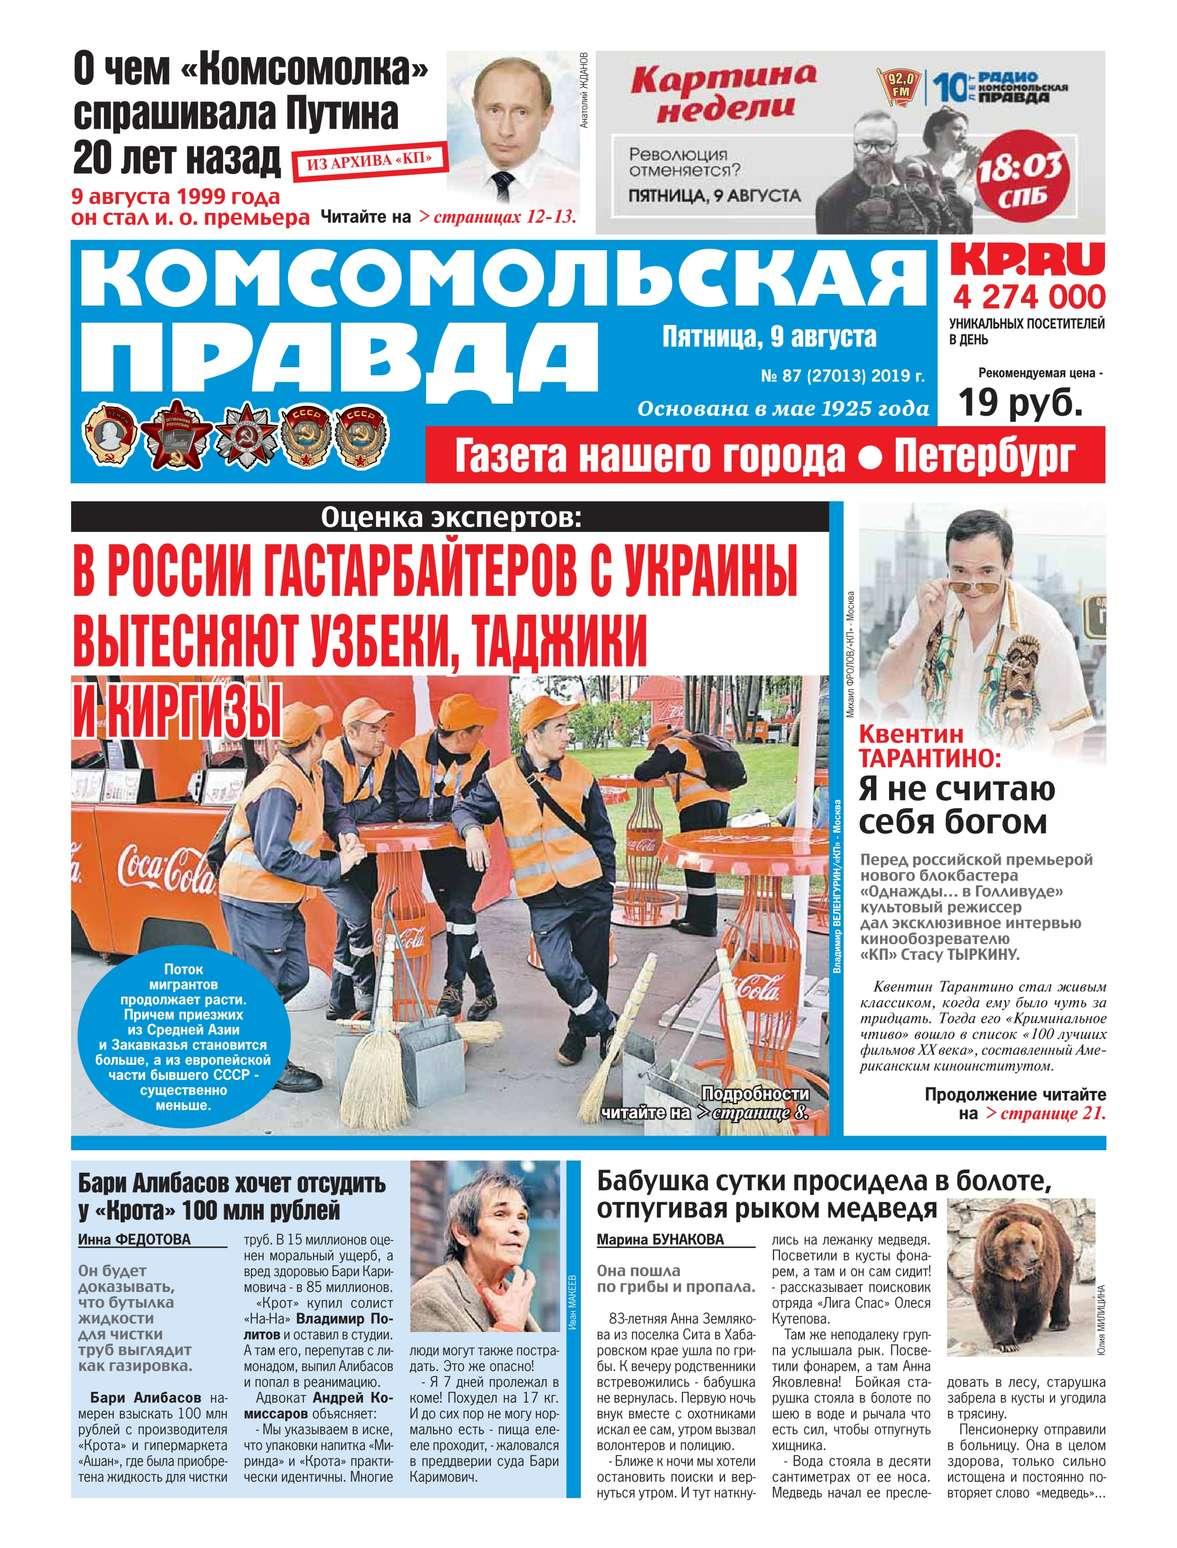 Комсомольская Правда. Санкт-Петербург 87-2019